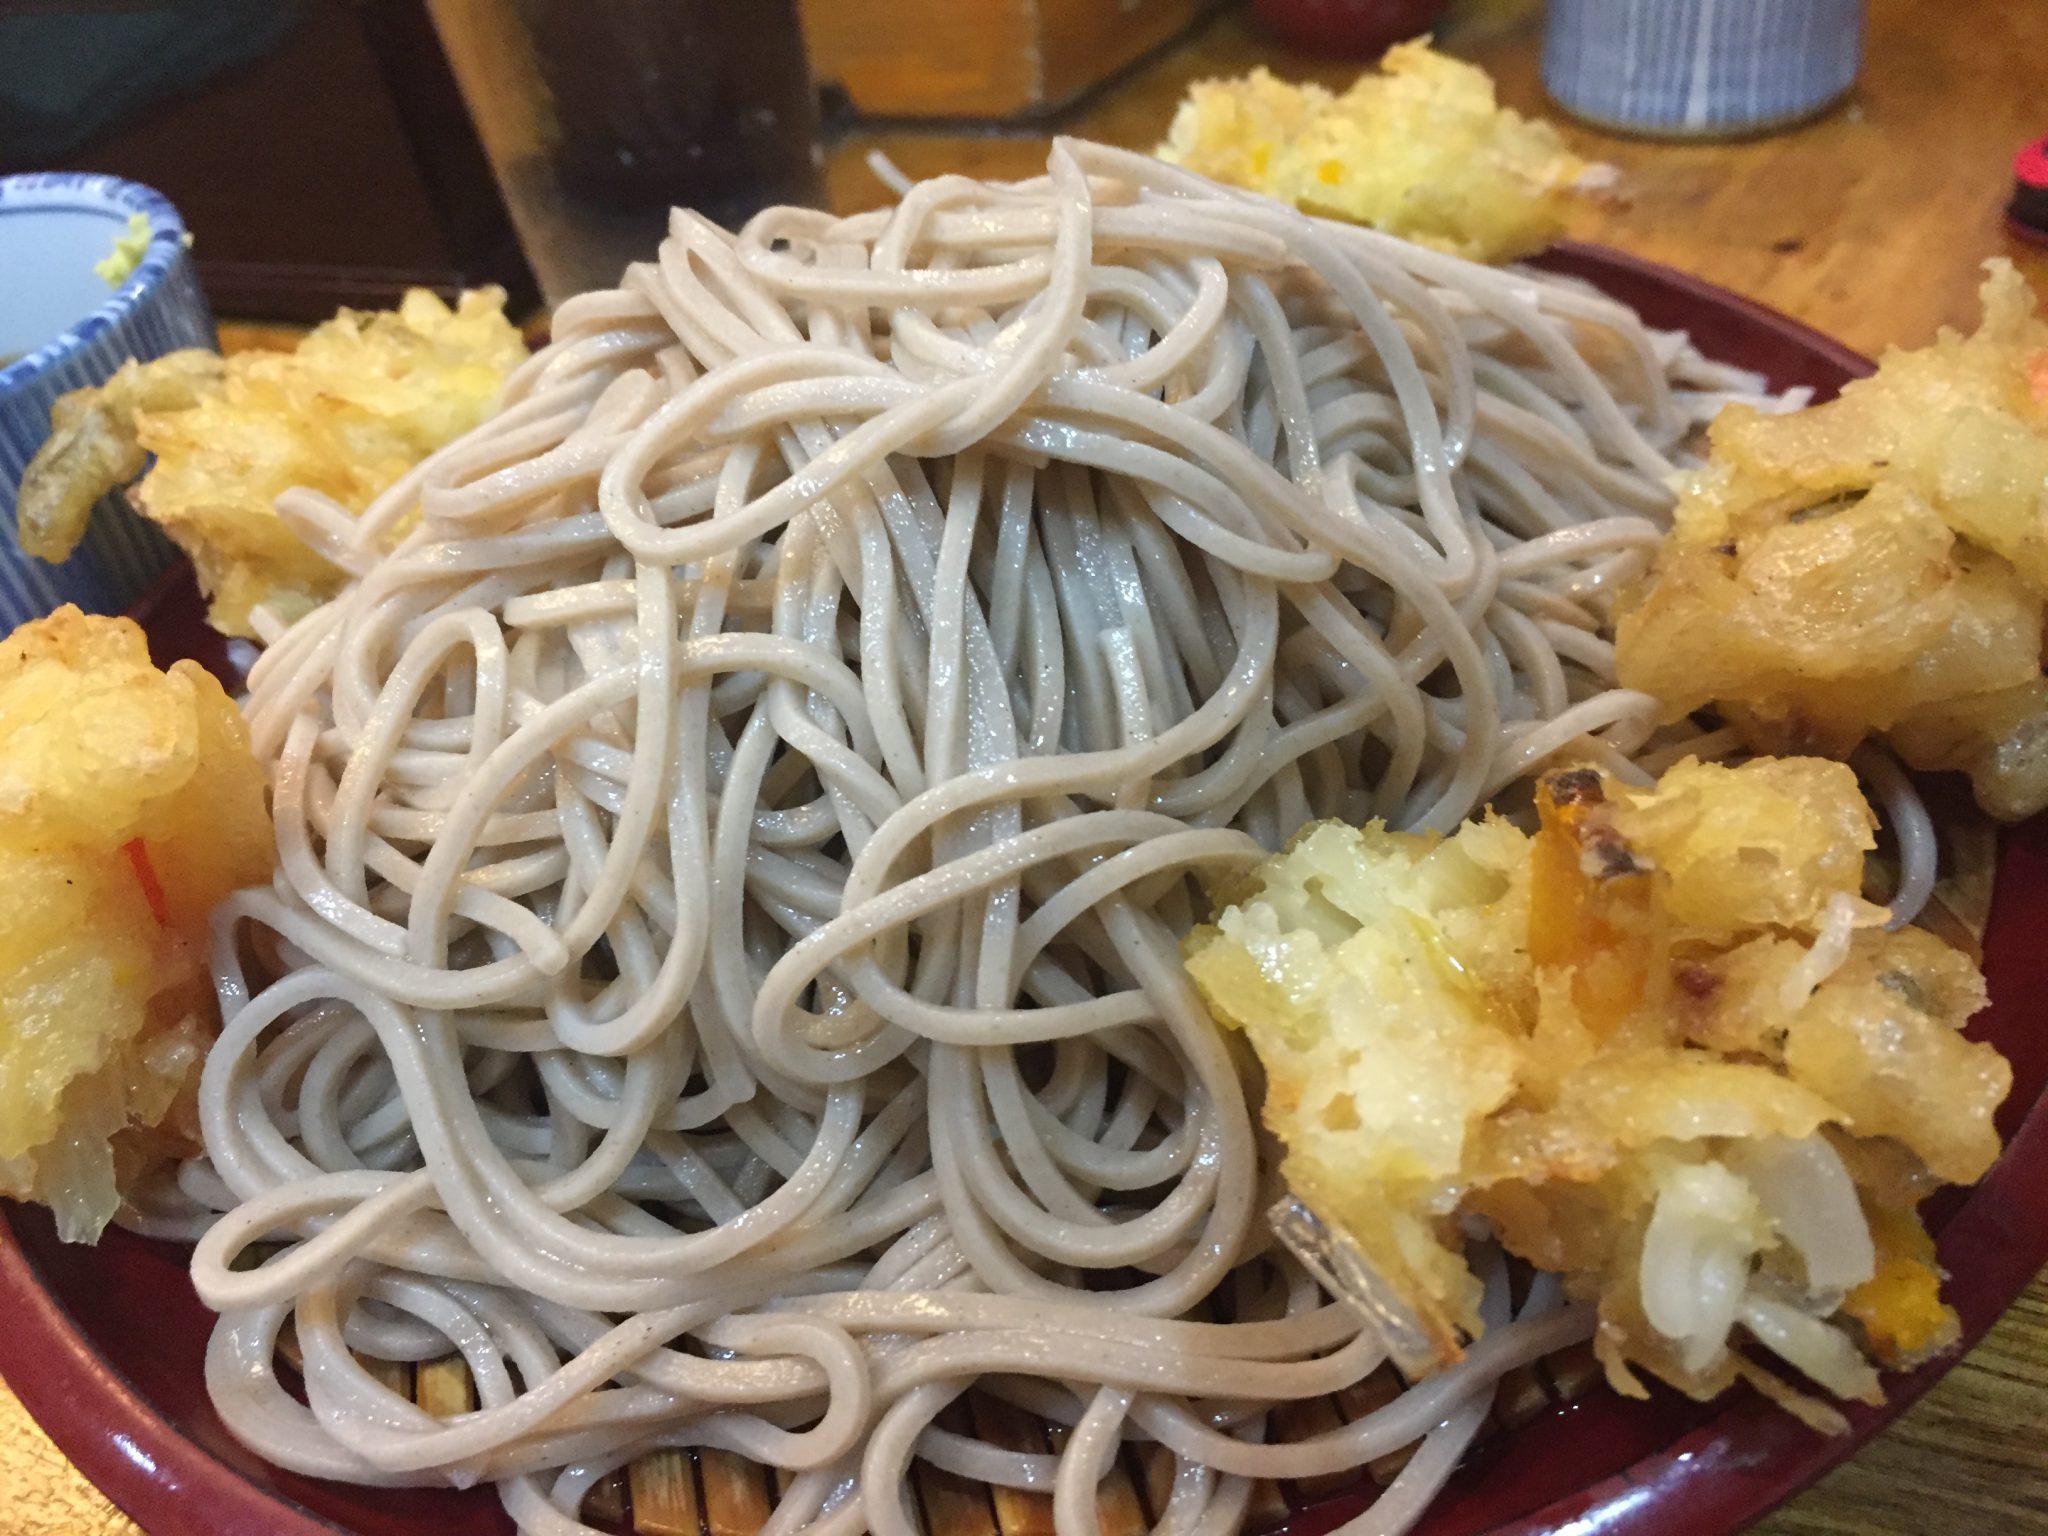 歌舞伎そば|東銀座でそばランチ~老舗の名物「もりかき揚げ」を食べてきました